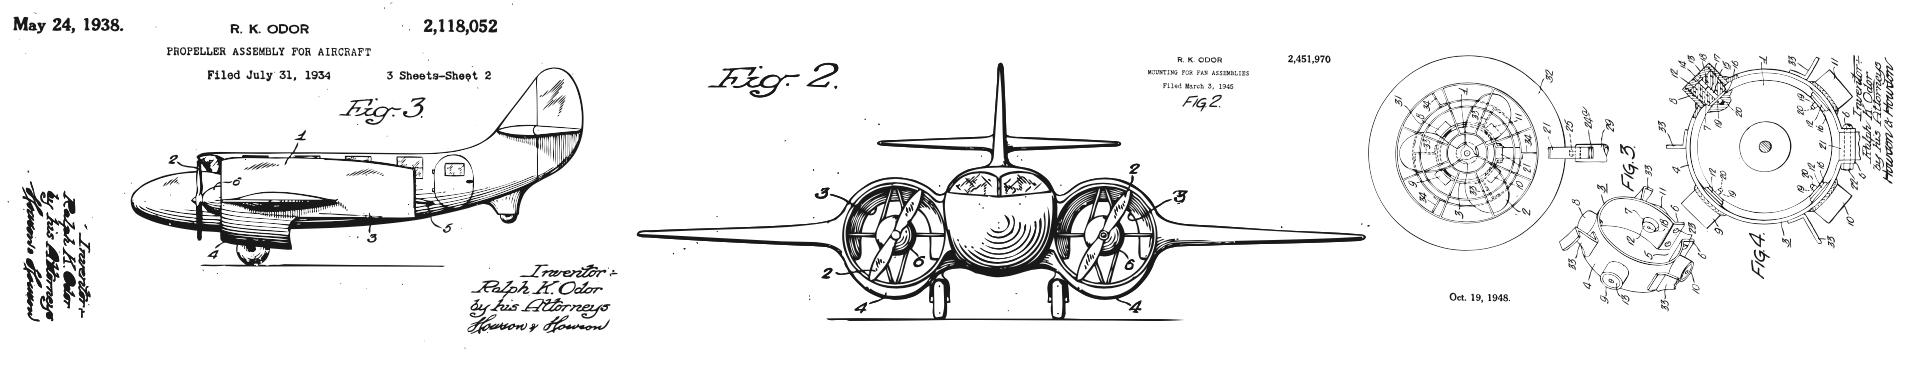 プロペラ機の設計図